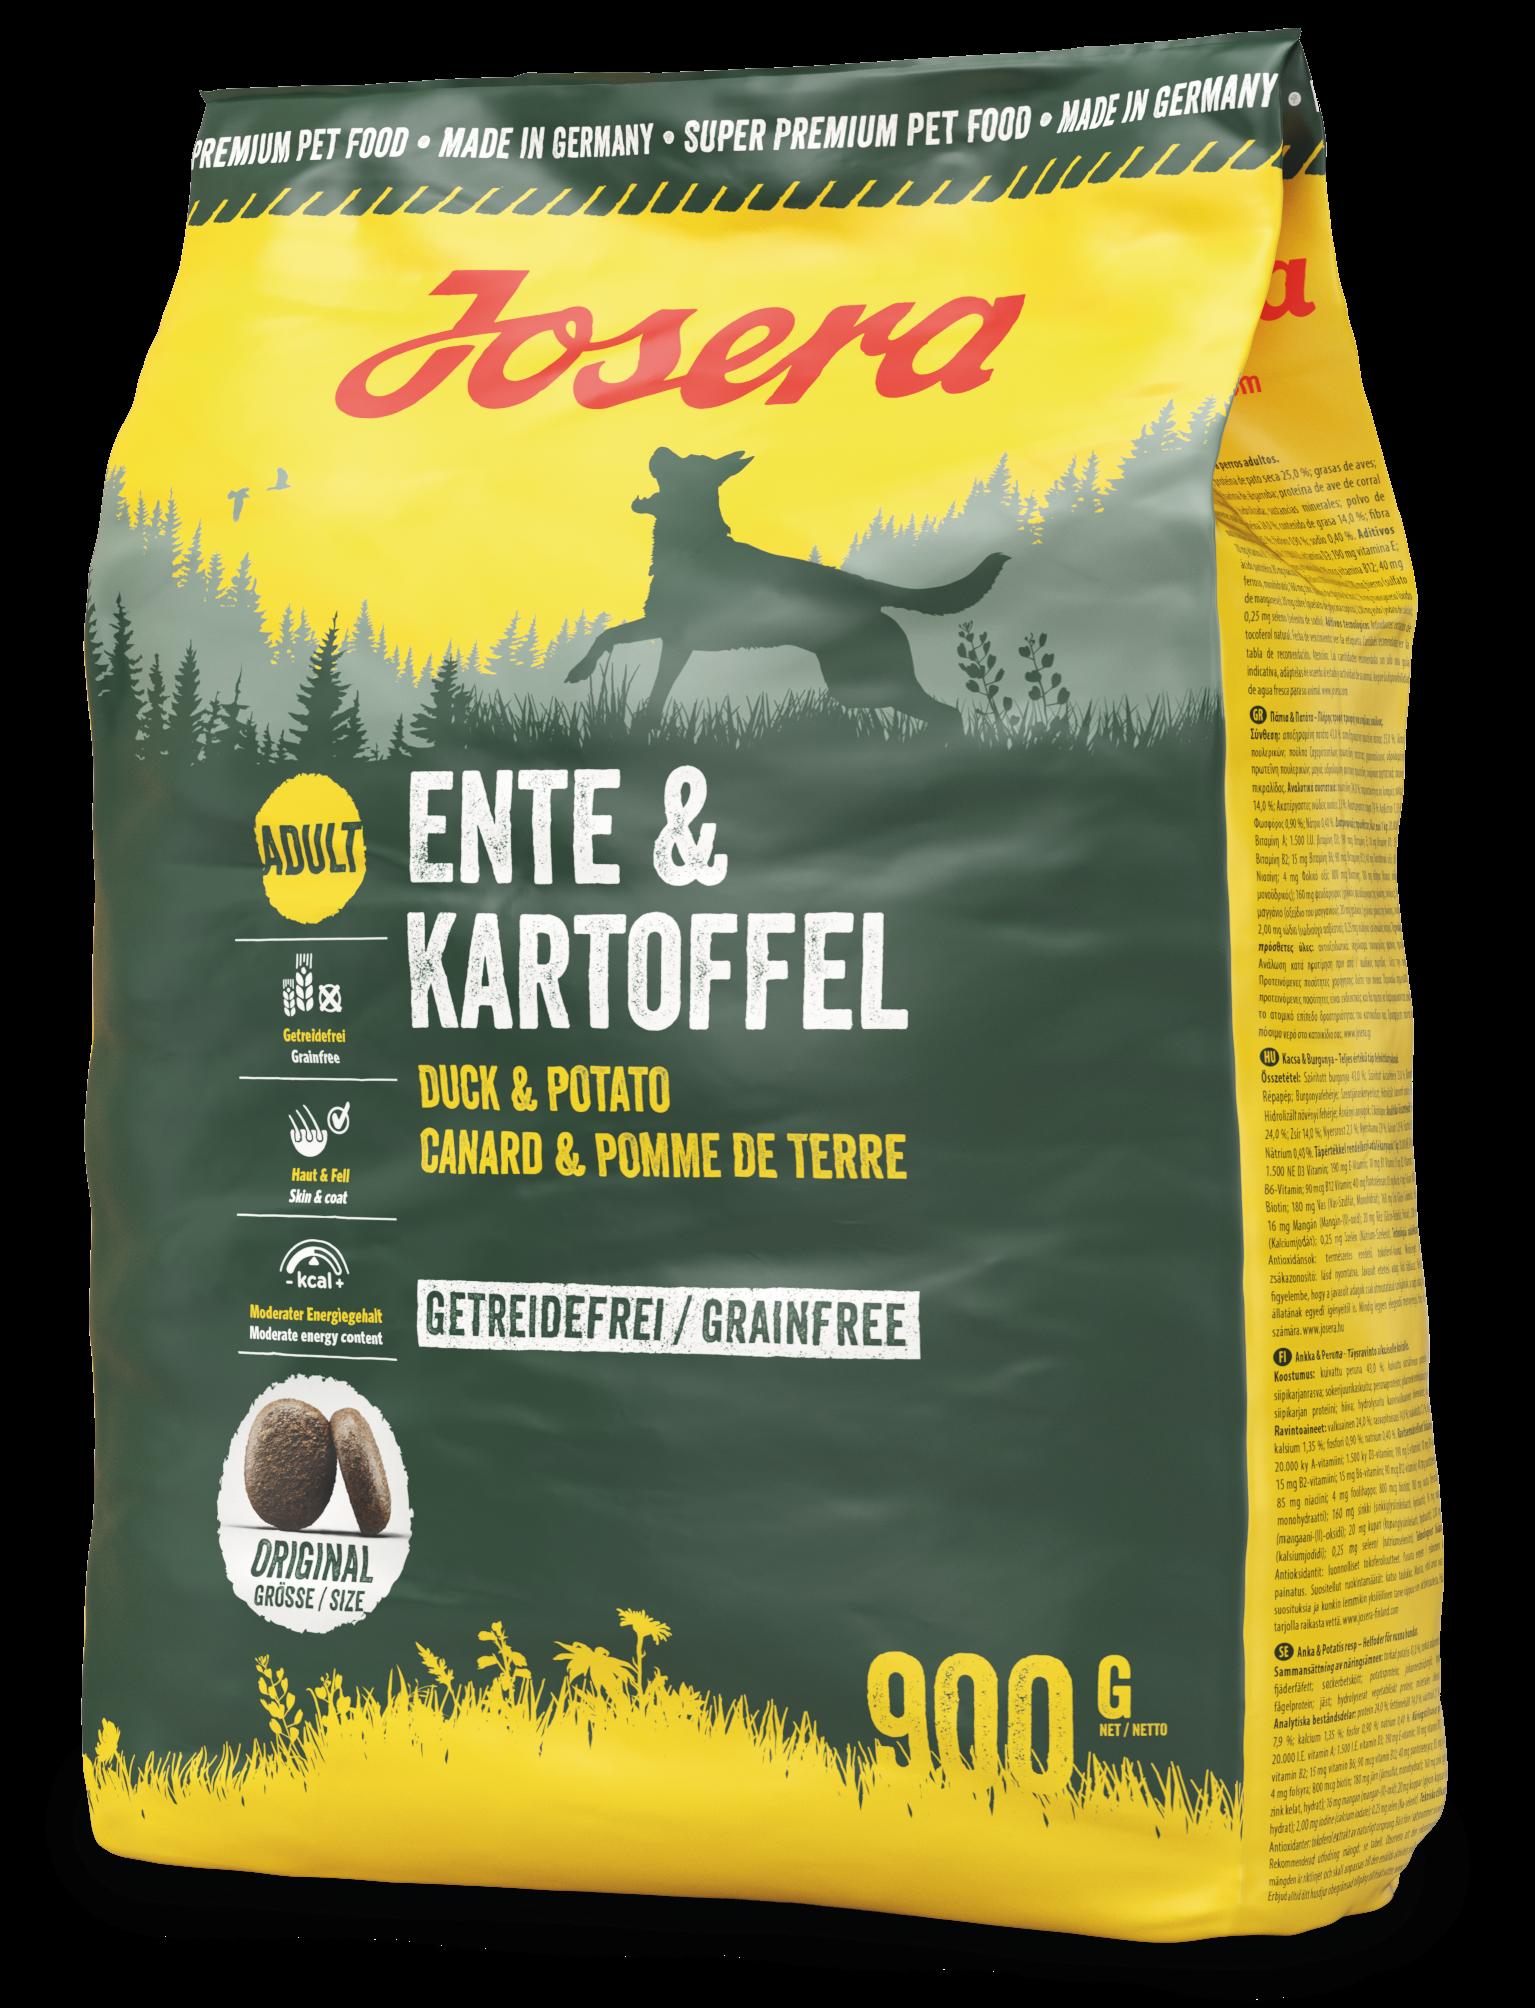 Josera Exklusiv Ente & Kartoffel